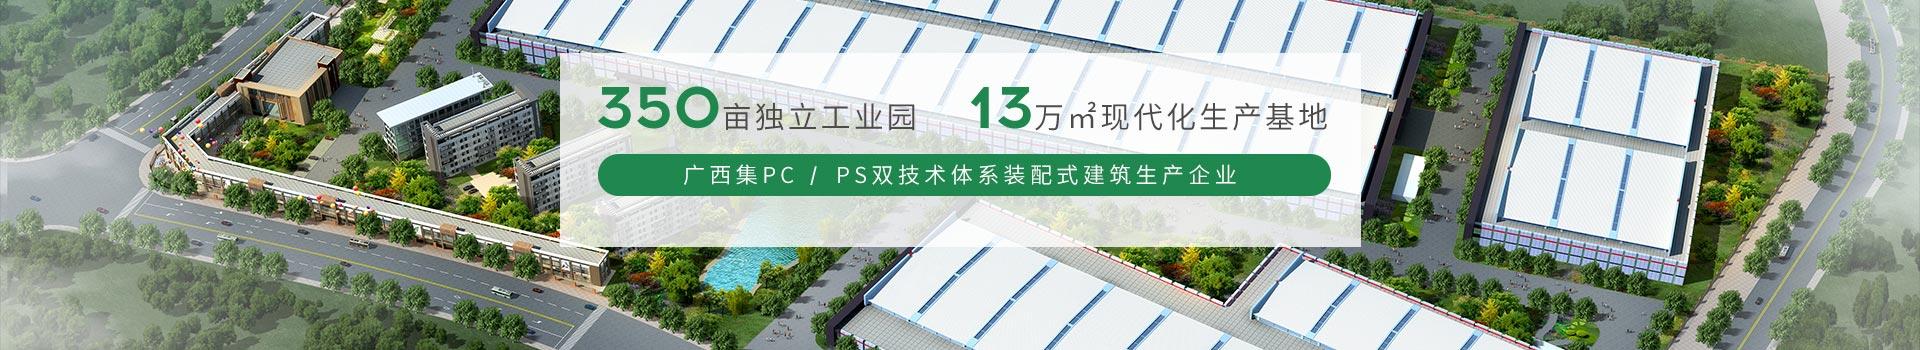 景典-广西集PC/PS双技术体系装配式建筑生产企业